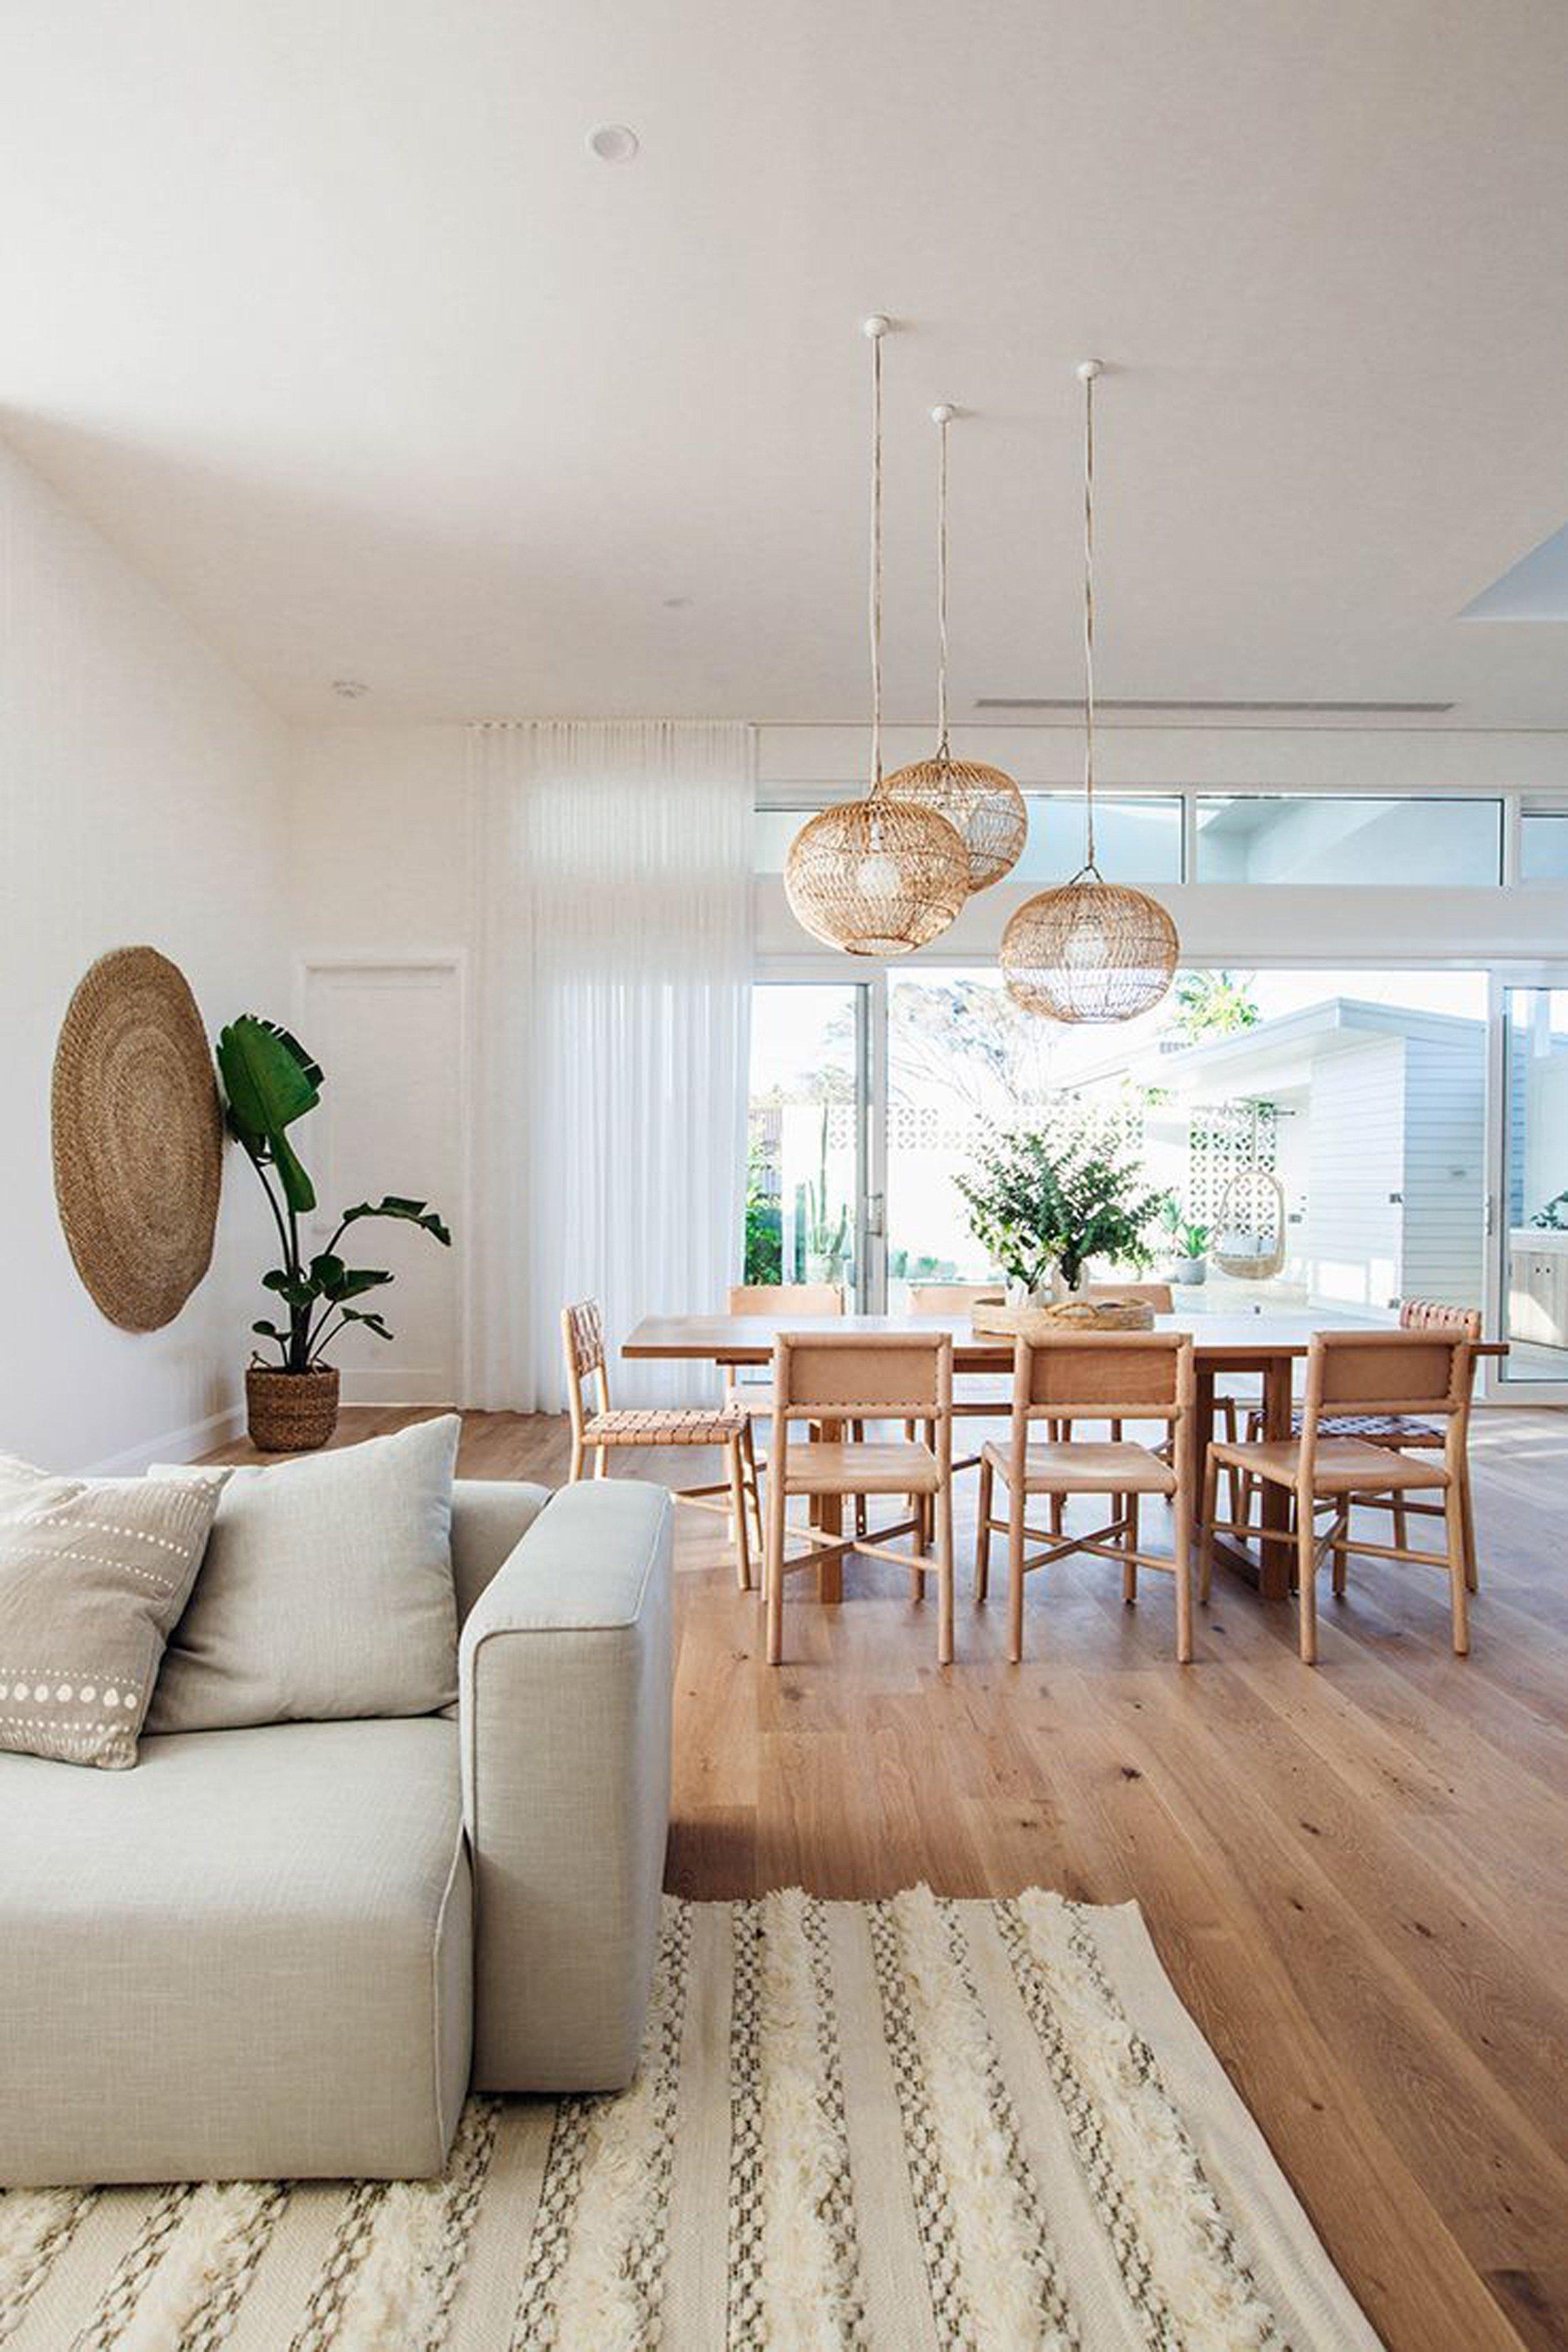 salon s jour salle manger boh me scandinave blanc gris beige bois parquet osier textile. Black Bedroom Furniture Sets. Home Design Ideas